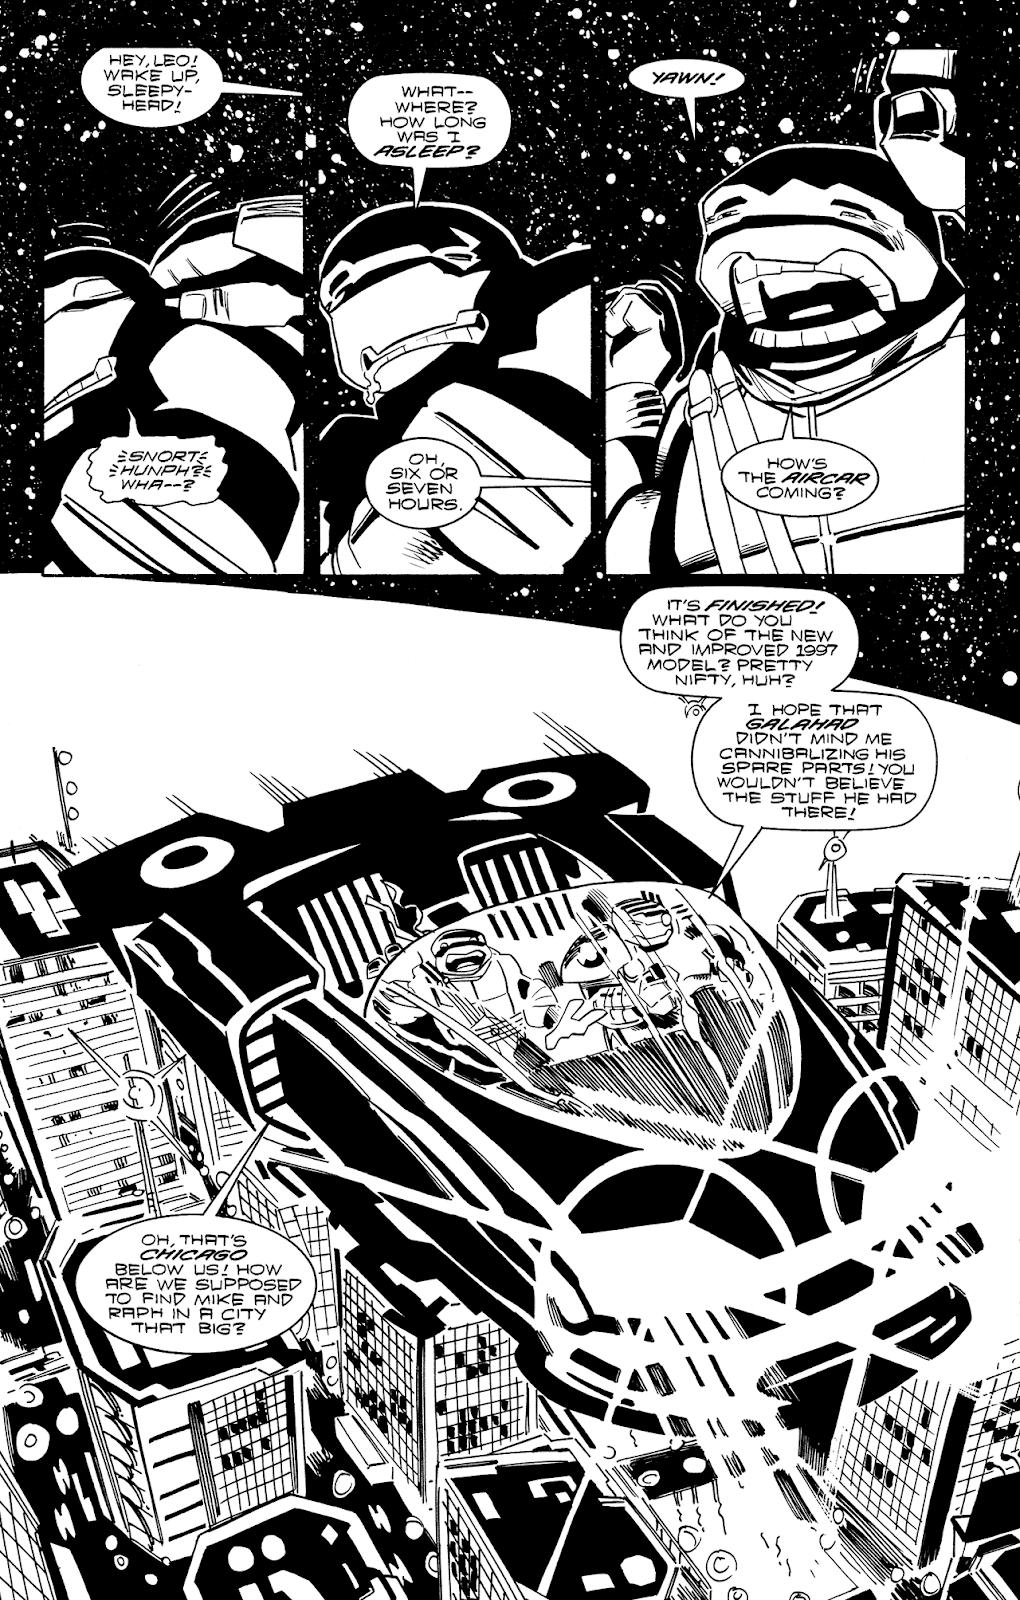 Comic Teenage Mutant Ninja Turtles (1996) issue 10